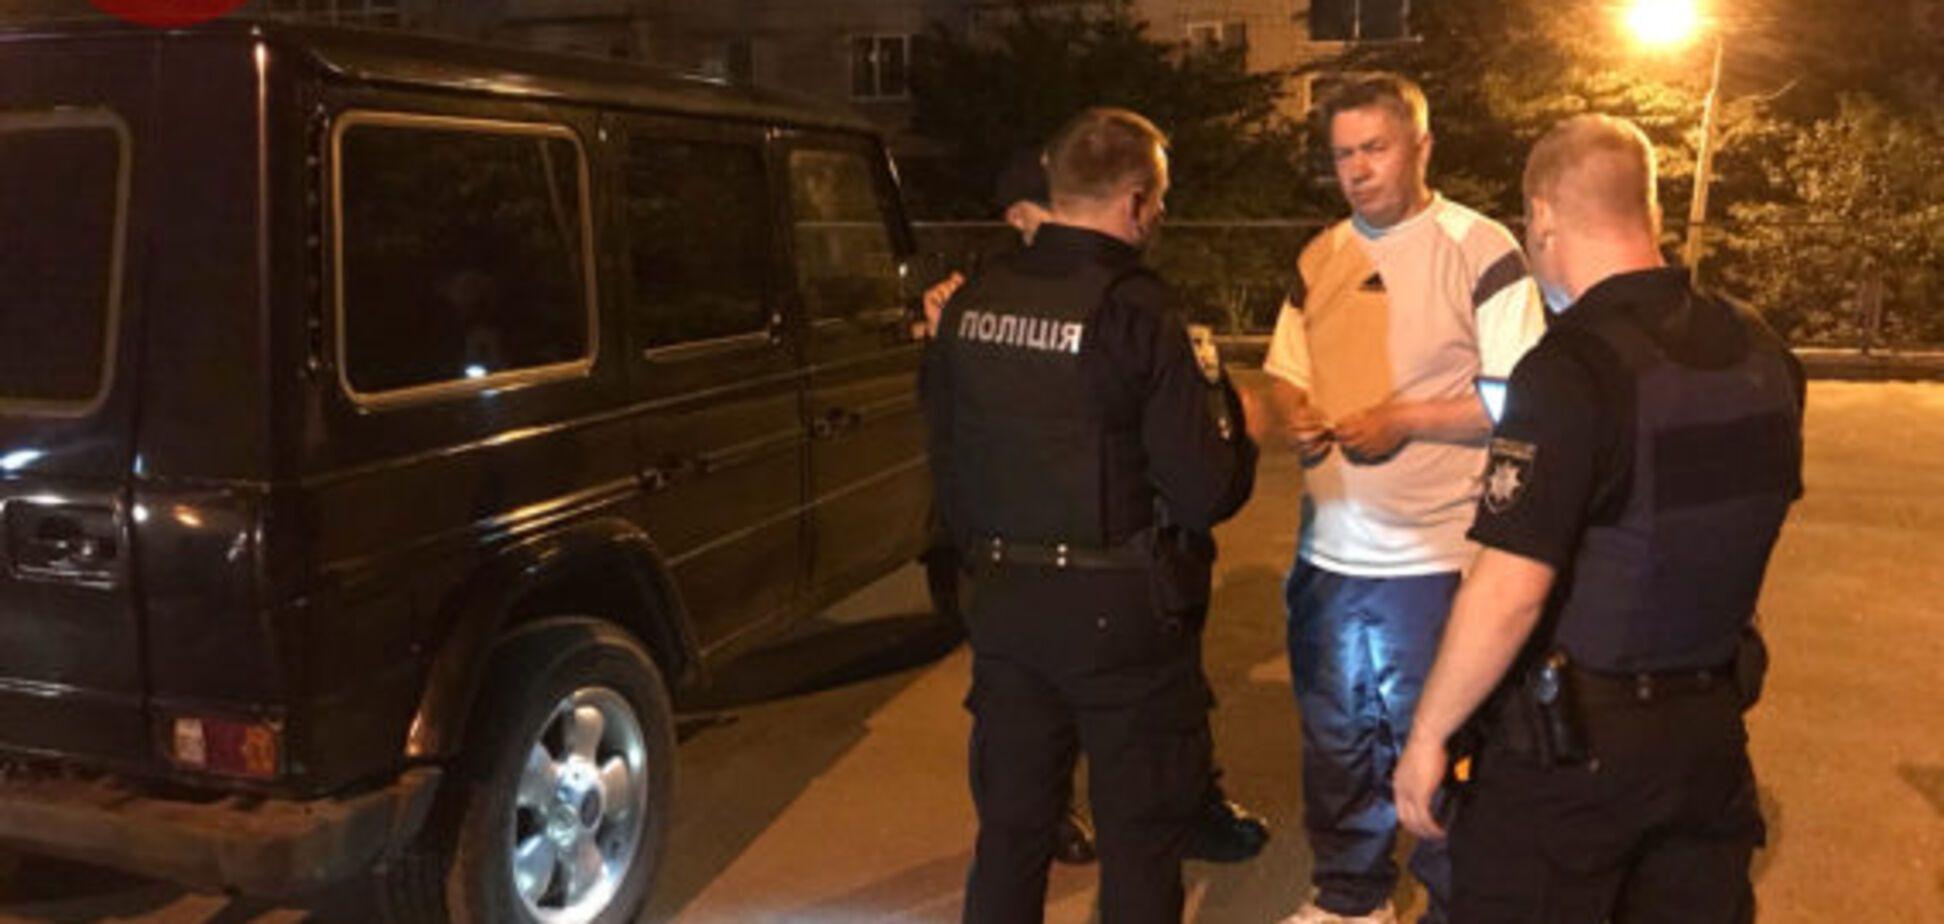 'Я не їхав, я пішохід': у Києві екс-нардепа спіймали п'яним за кермом